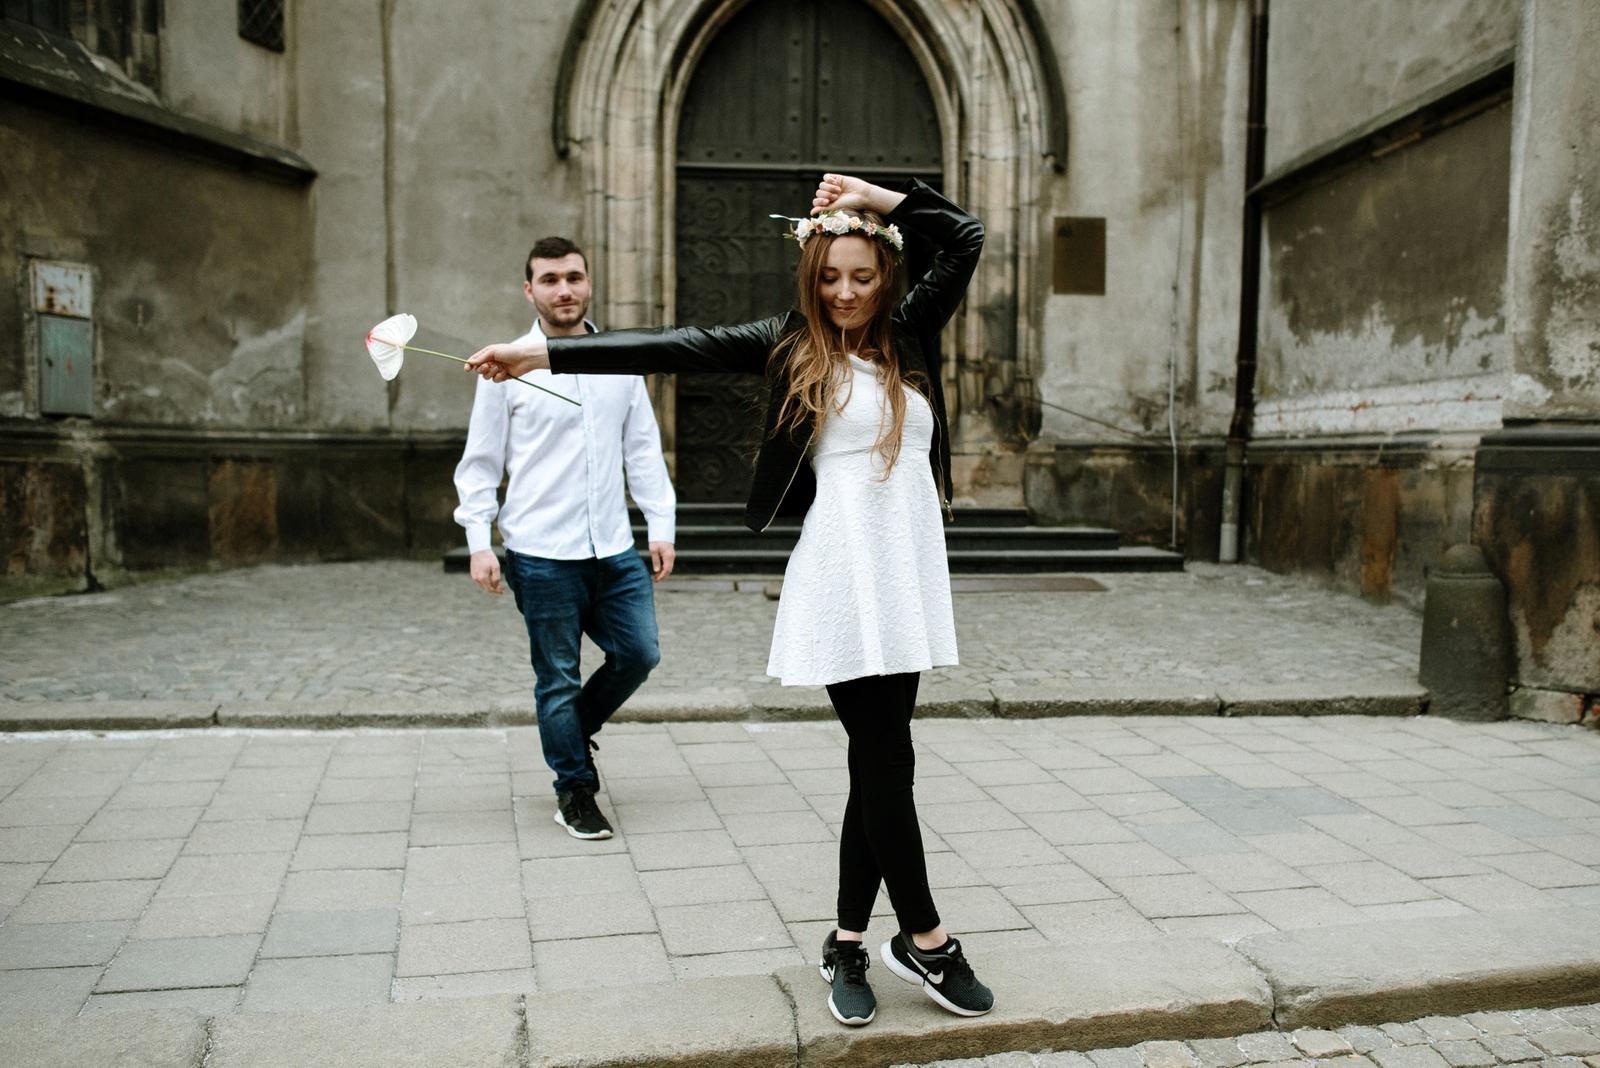 Jak udělat malou svatbu jen o dvou lidech? - Obrázek č. 37